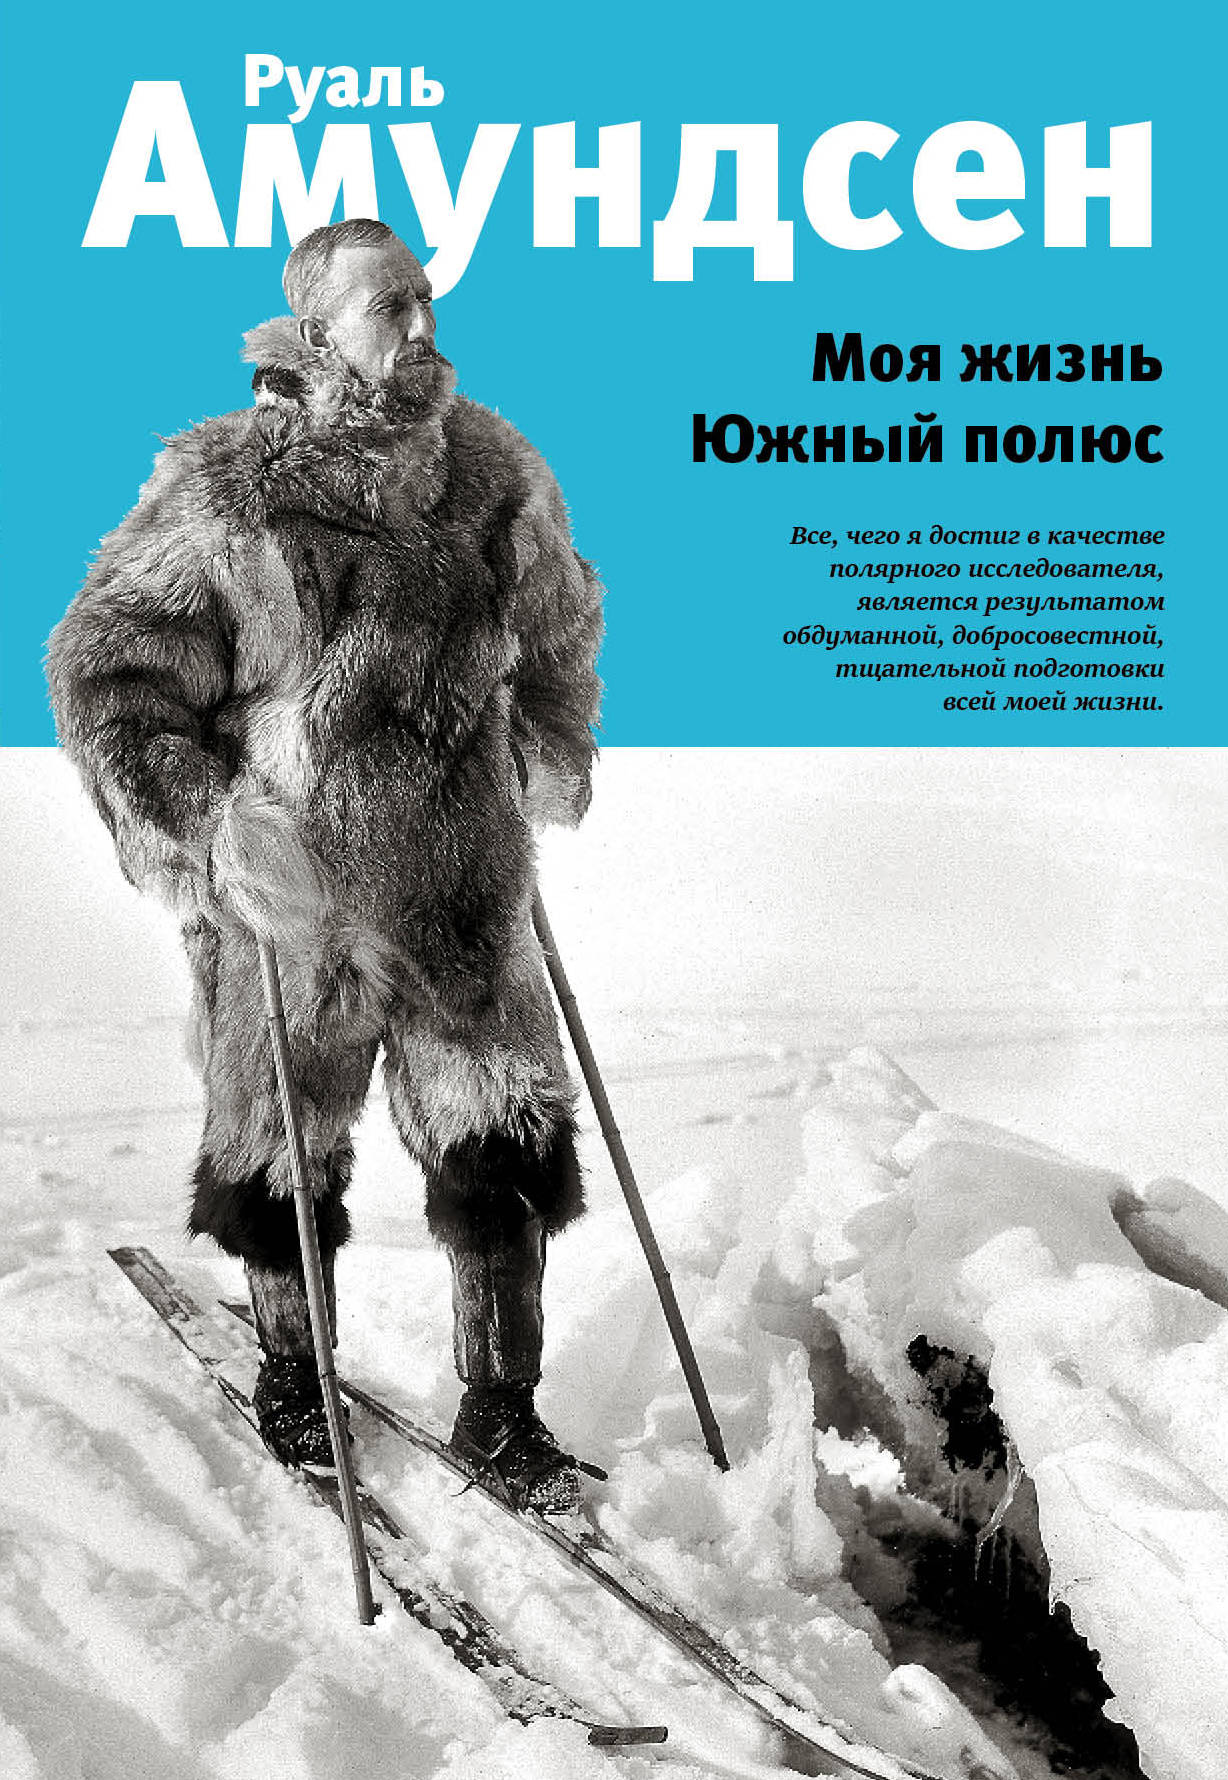 Руаль Амундсен Моя жизнь. Южный полюс